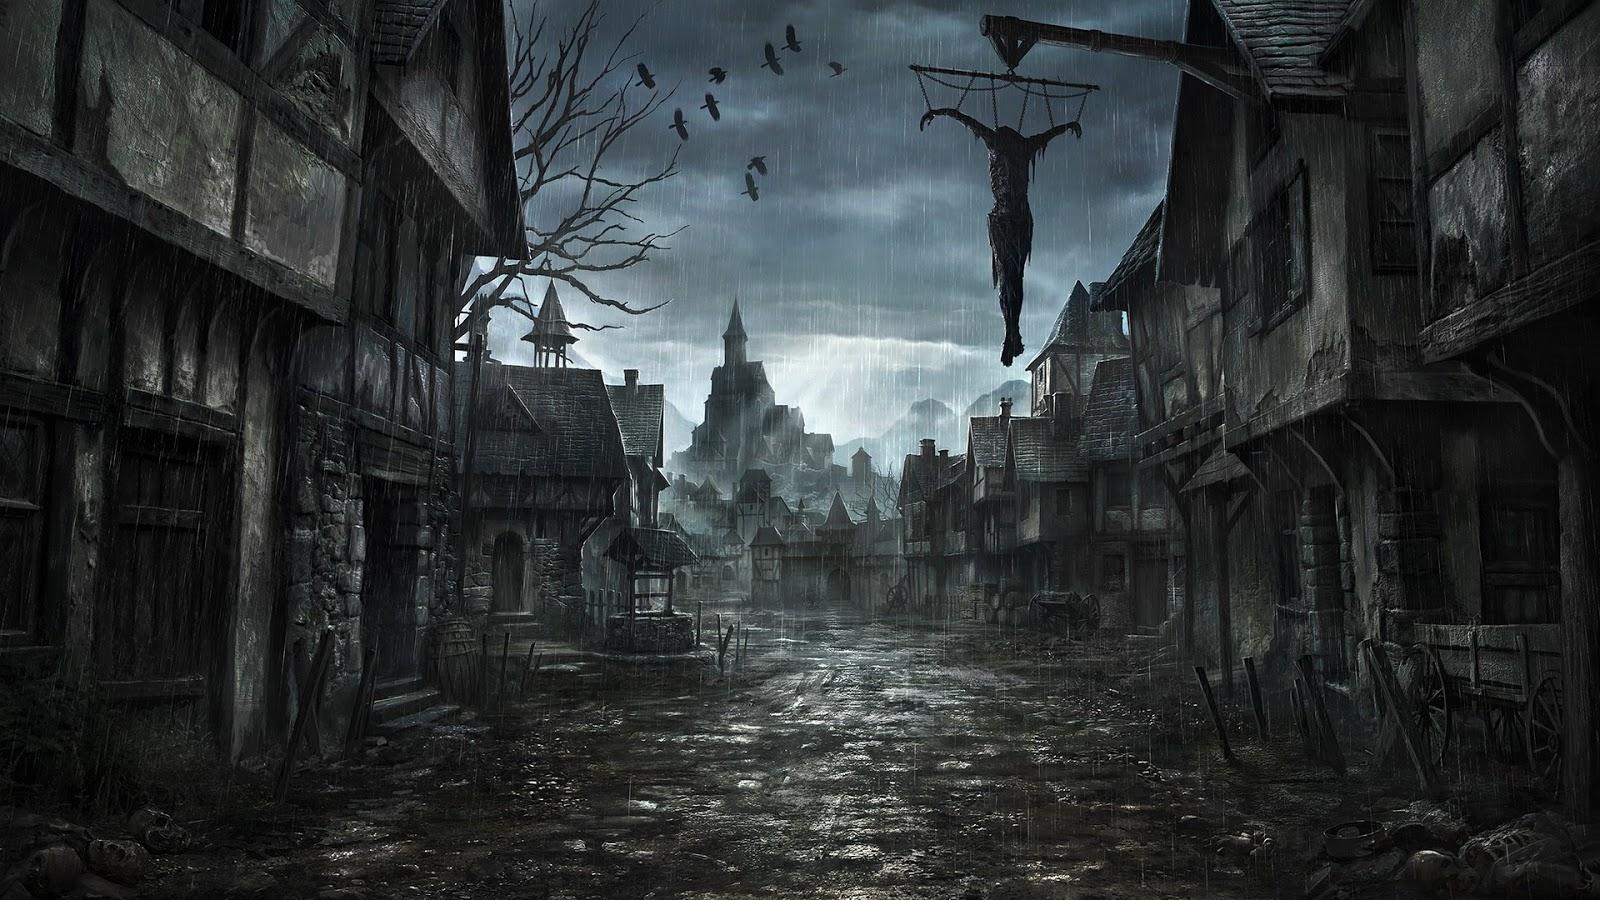 Tải Hình Nền Kinh Dị Bóng Tối Và Ma Quỷ Đầy Sợ Hãi